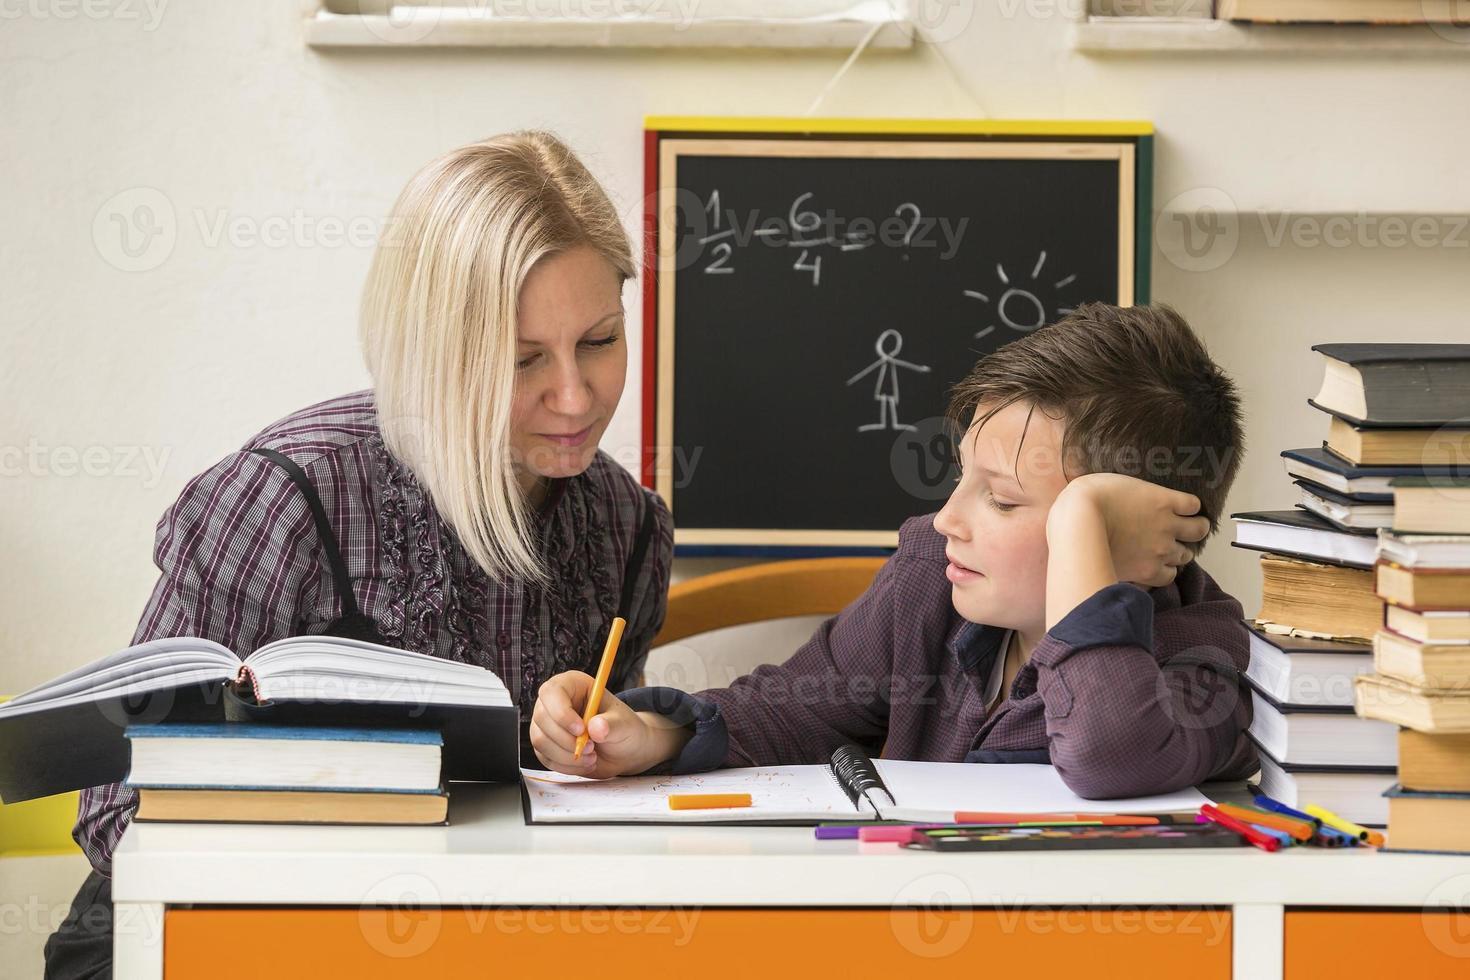 studente durante i compiti con l'aiuto di un tutor. foto